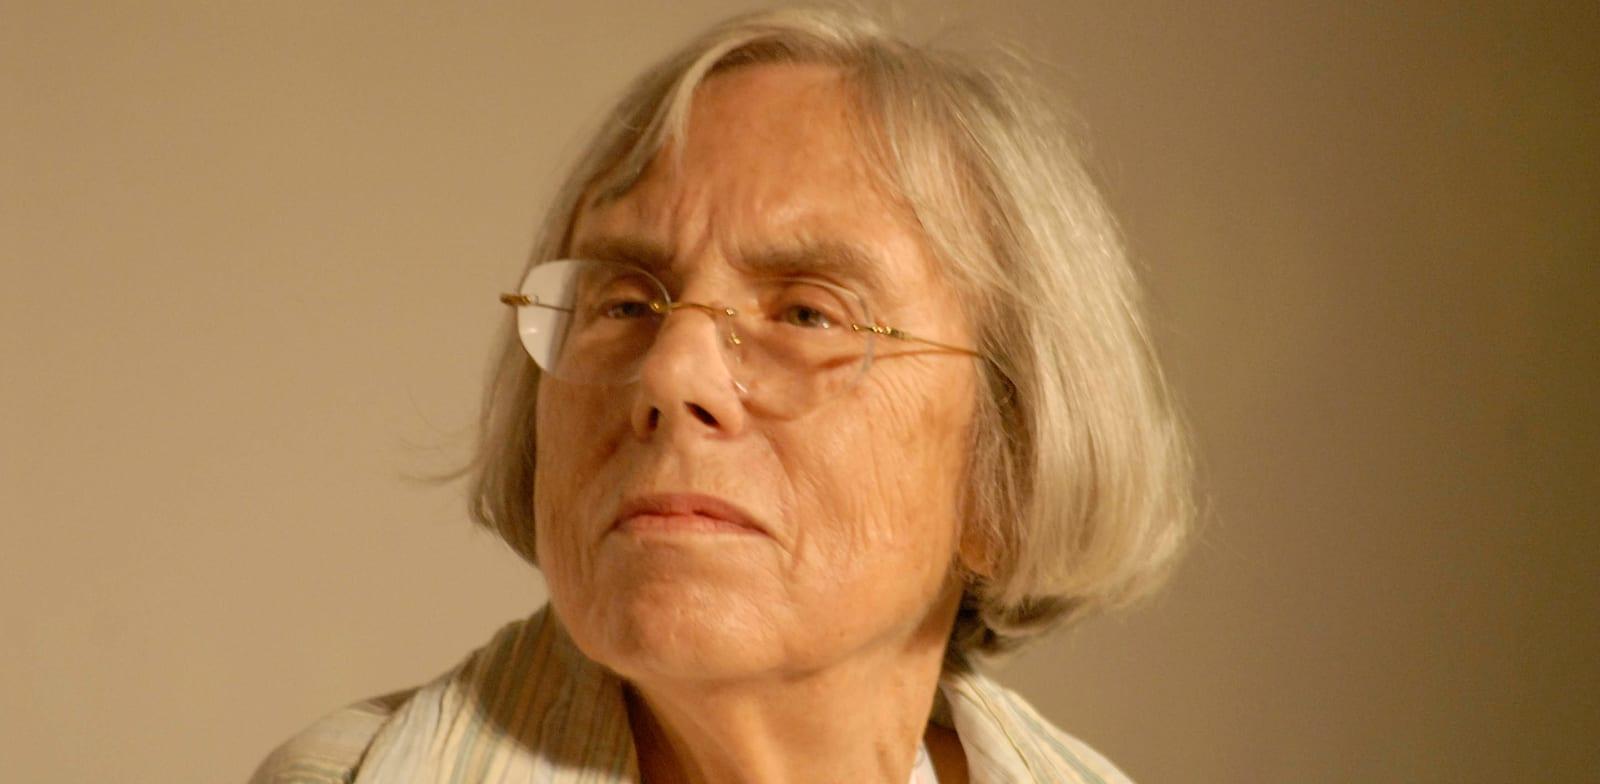 השופטת בדימוס דליה דורנר, נשיאת מועצת העיתונות / צילום: תמר מצפי